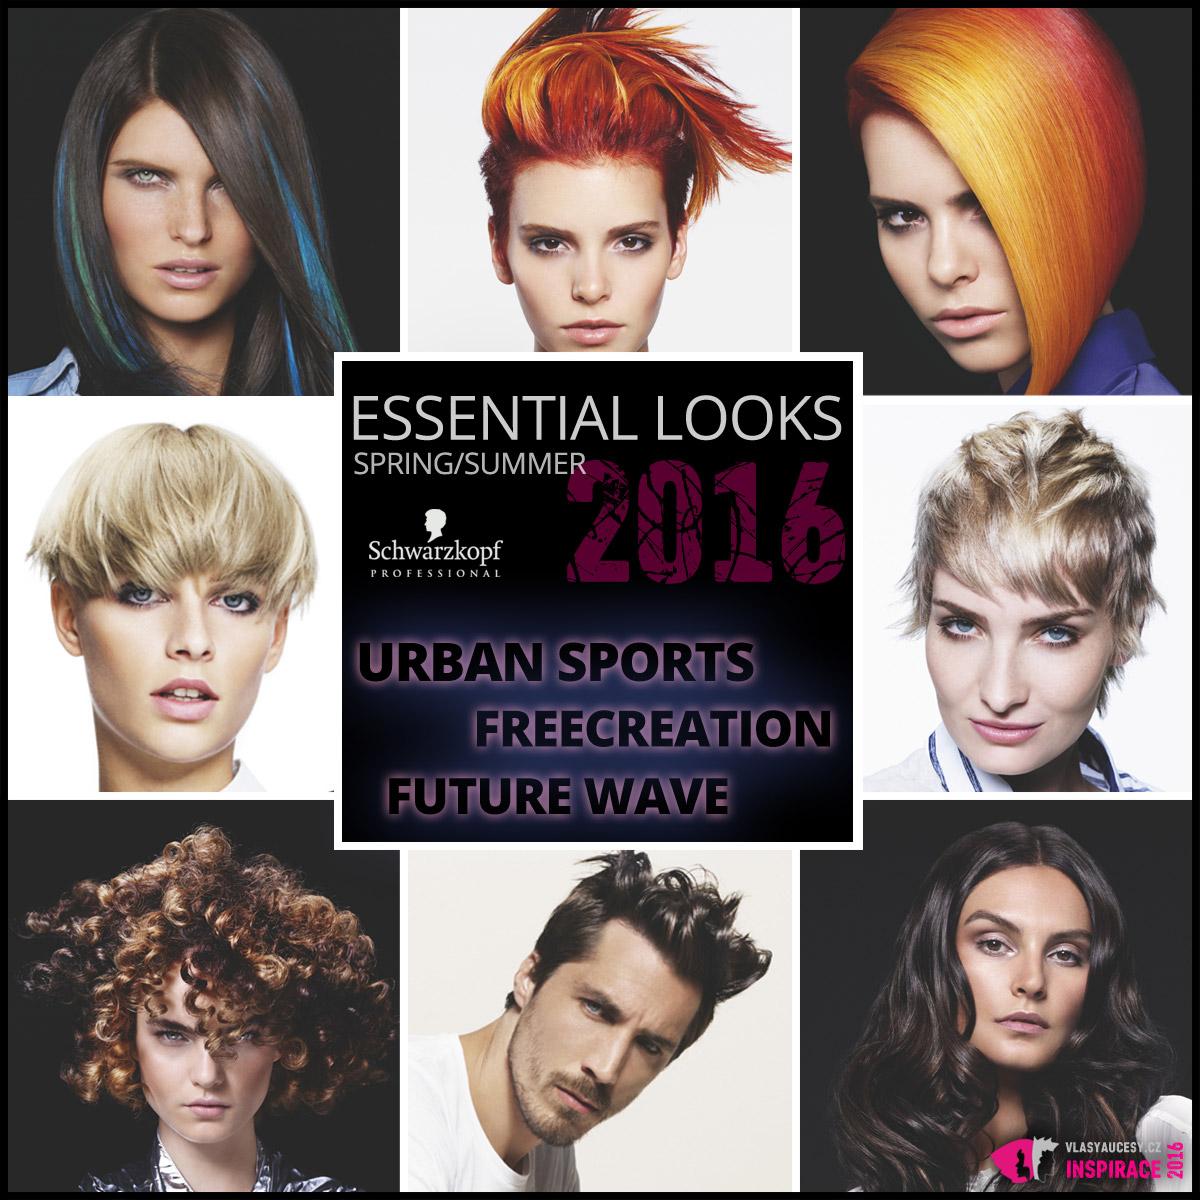 Schwarzkopf Professional představuje své jarní účesy 2016 v kolekci Essential Looks Made to Create – S/S 2016.